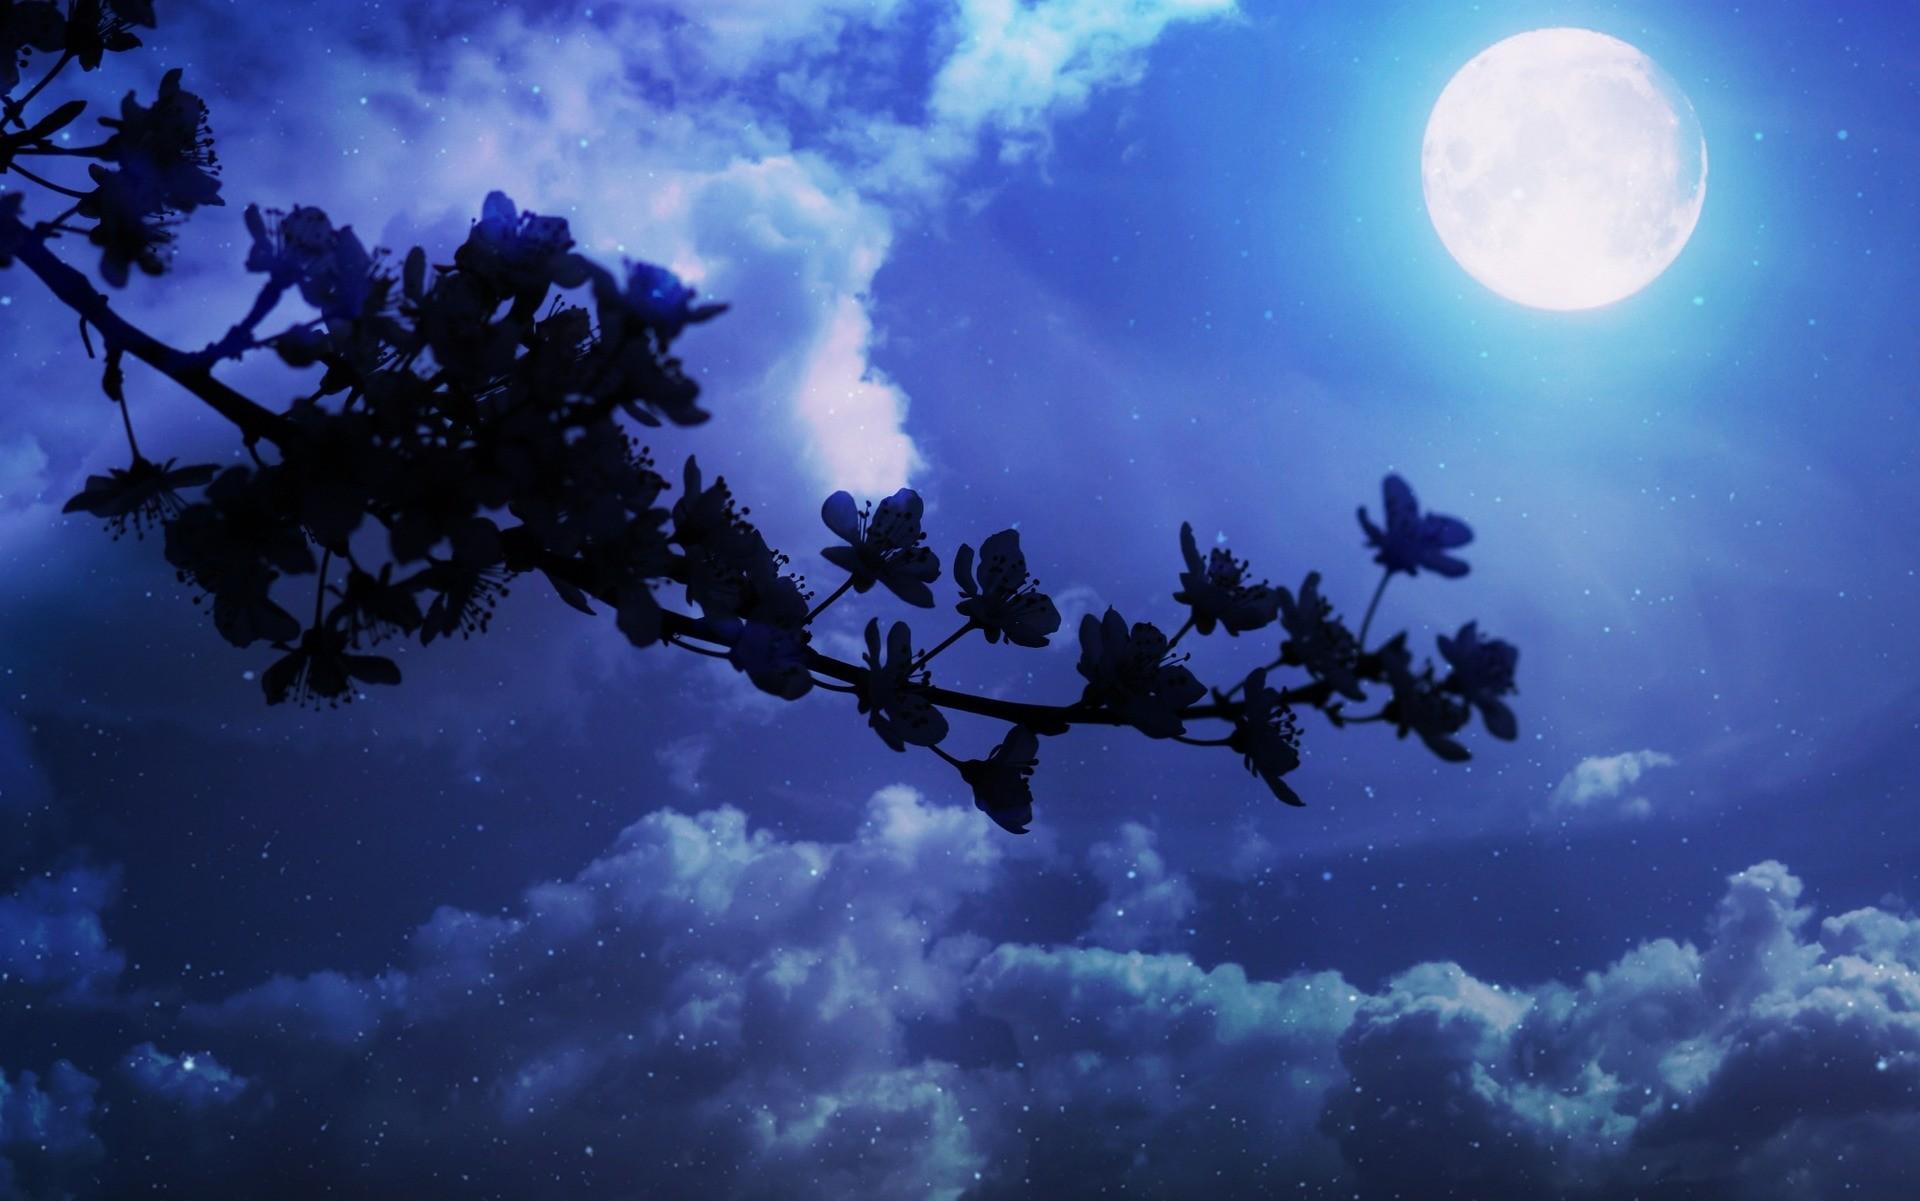 Simple Wallpaper Night Cherry Blossom - 822108-free-moonlight-night-wallpaper-1920x1201  2018.jpg